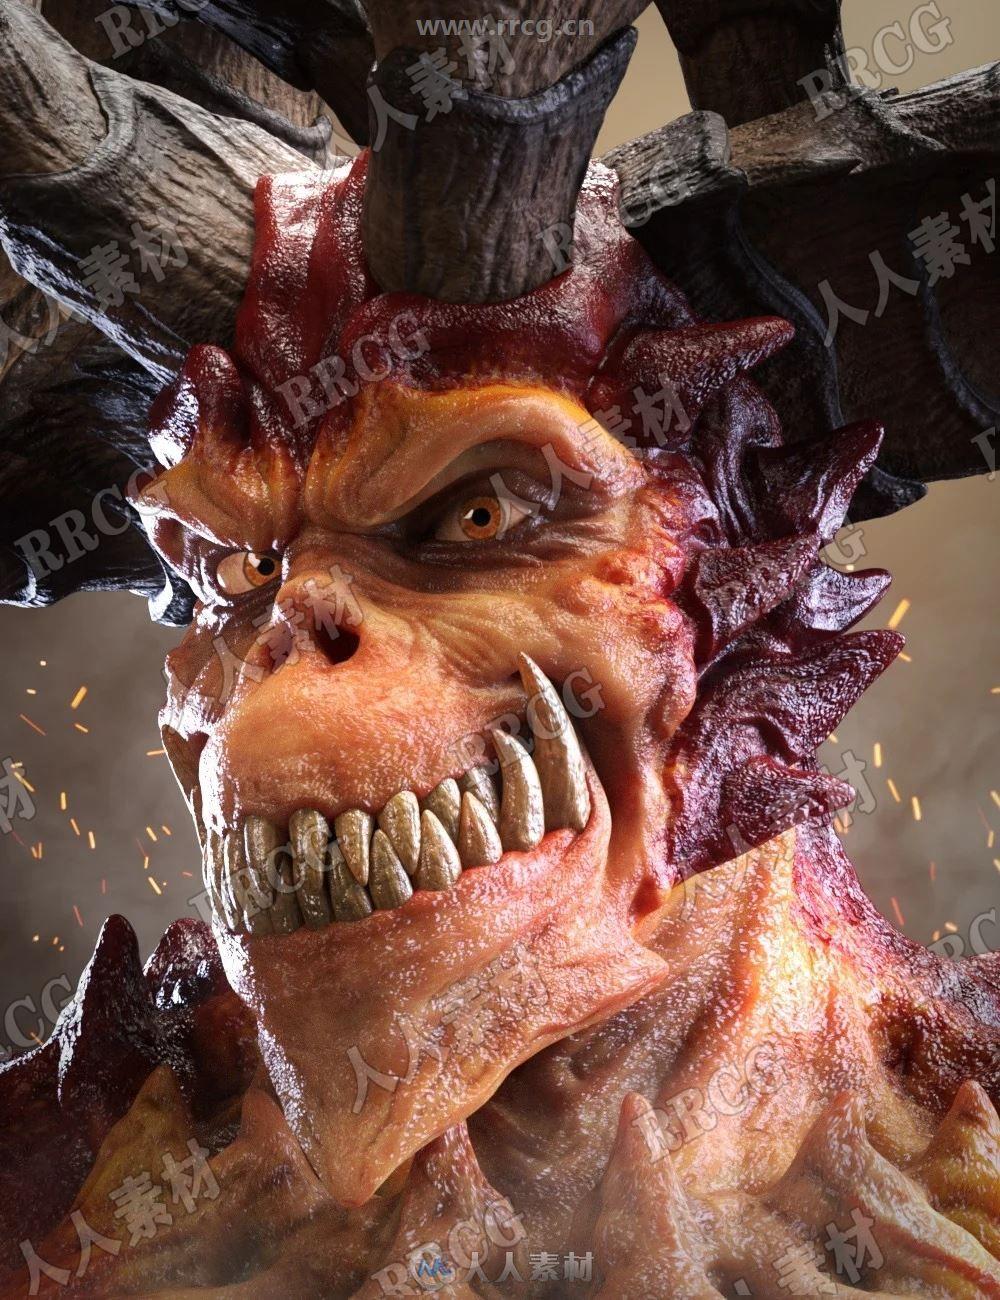 超级邪恶恶魔怪兽角色3D模型合集